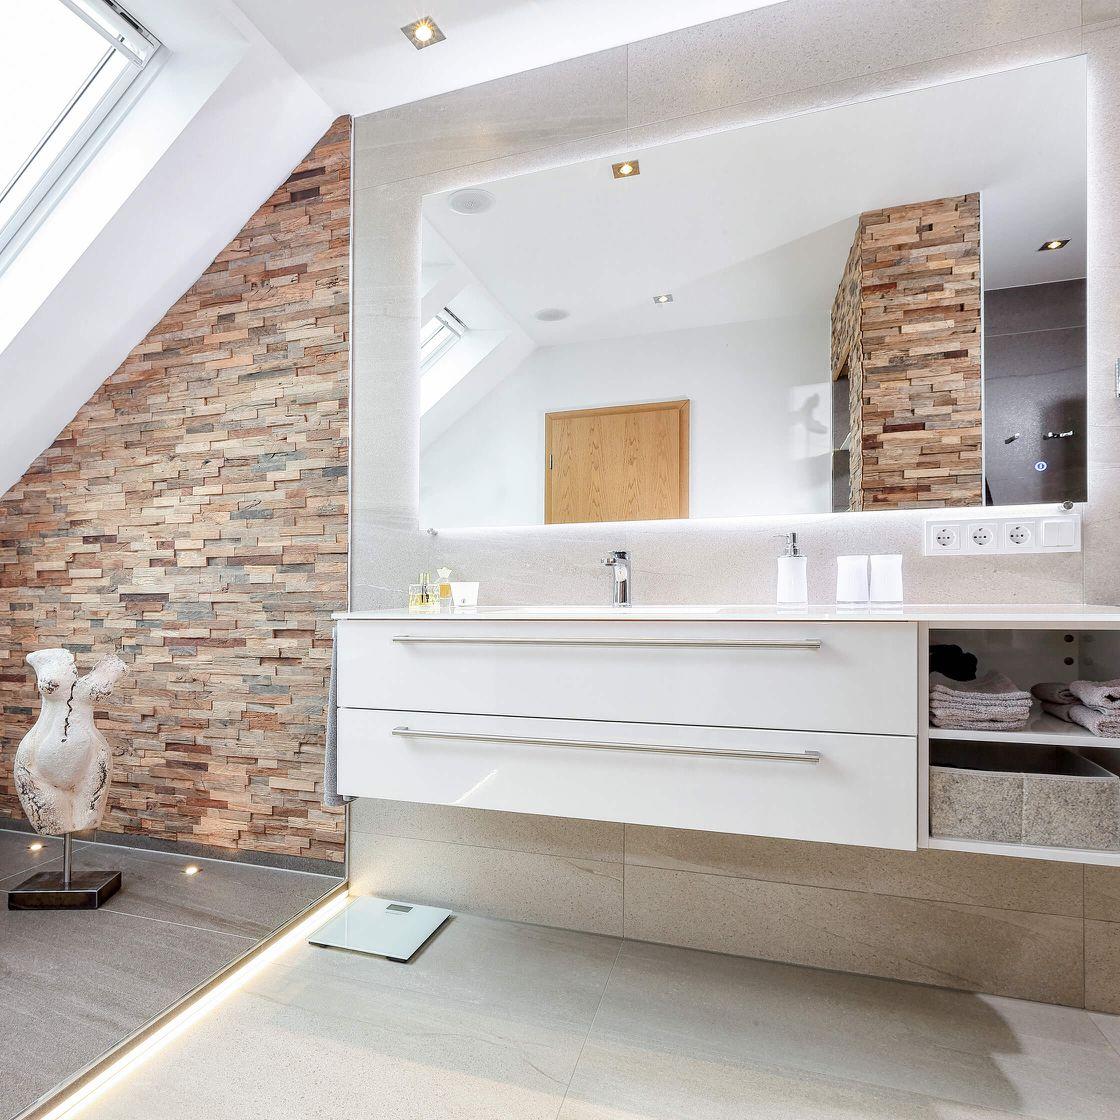 Waschplatz mit Akzentbeleuchtung